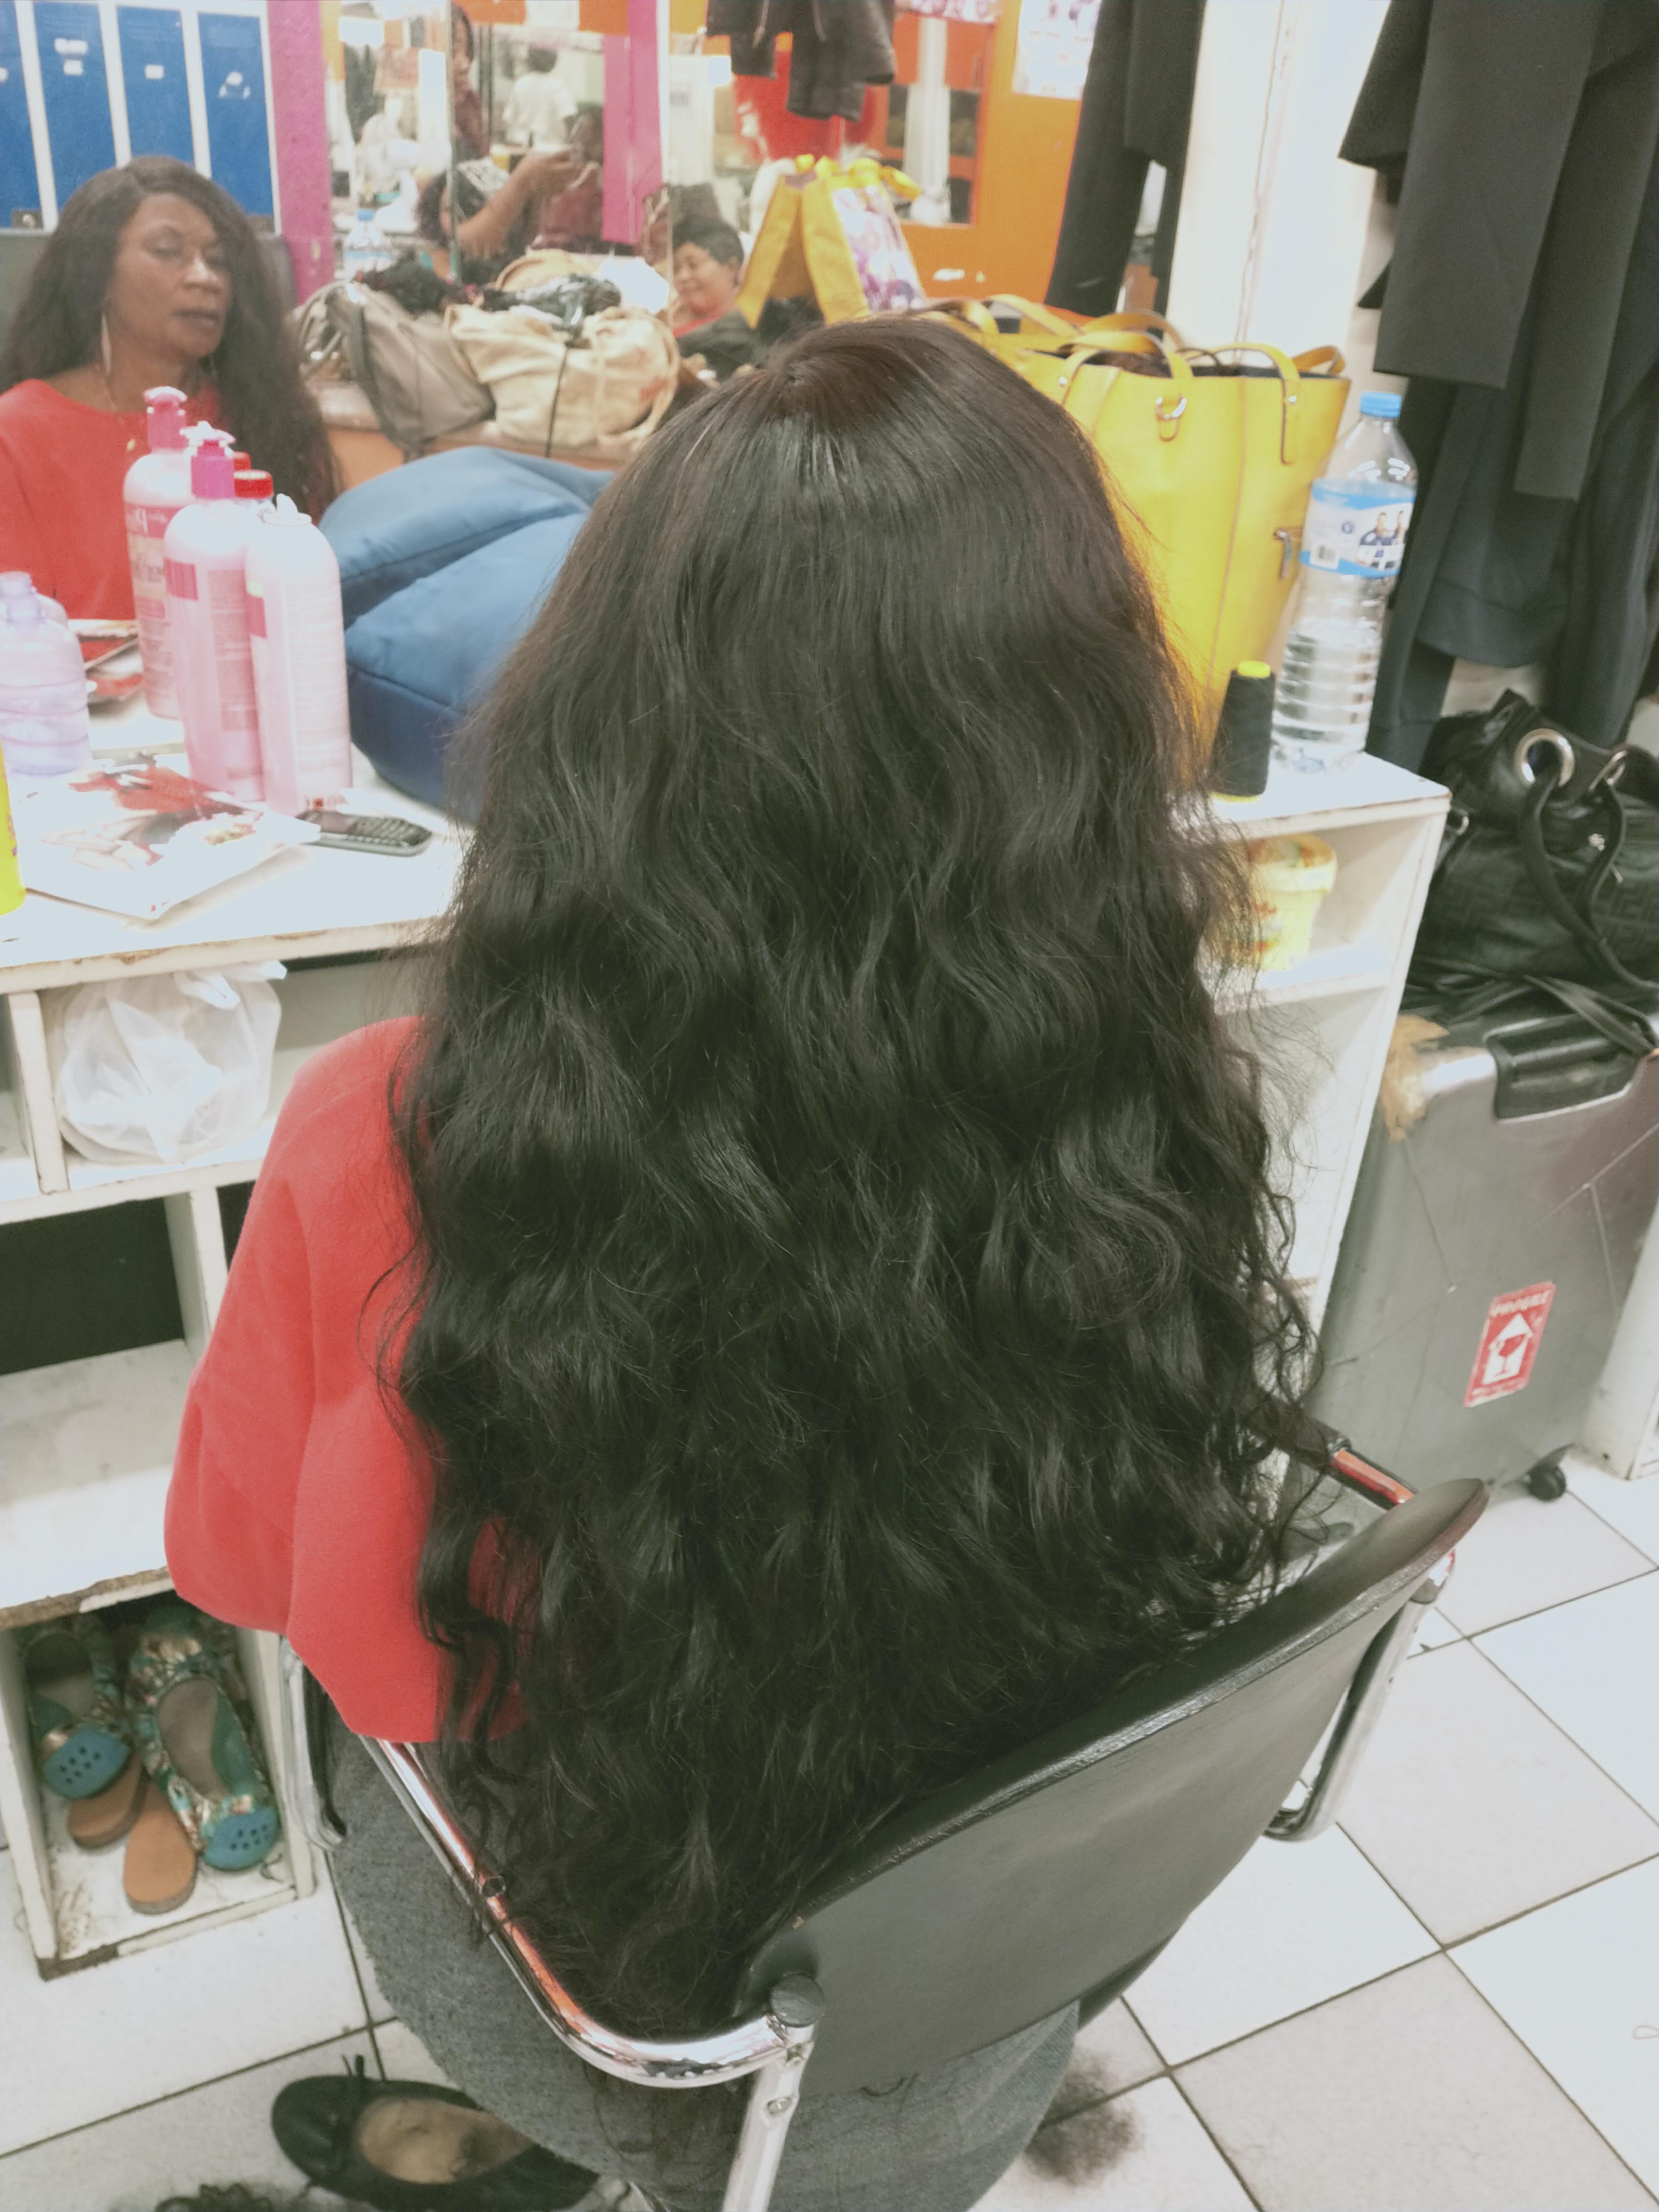 salon de coiffure afro tresse tresses box braids crochet braids vanilles tissages paris 75 77 78 91 92 93 94 95 LAMDTART